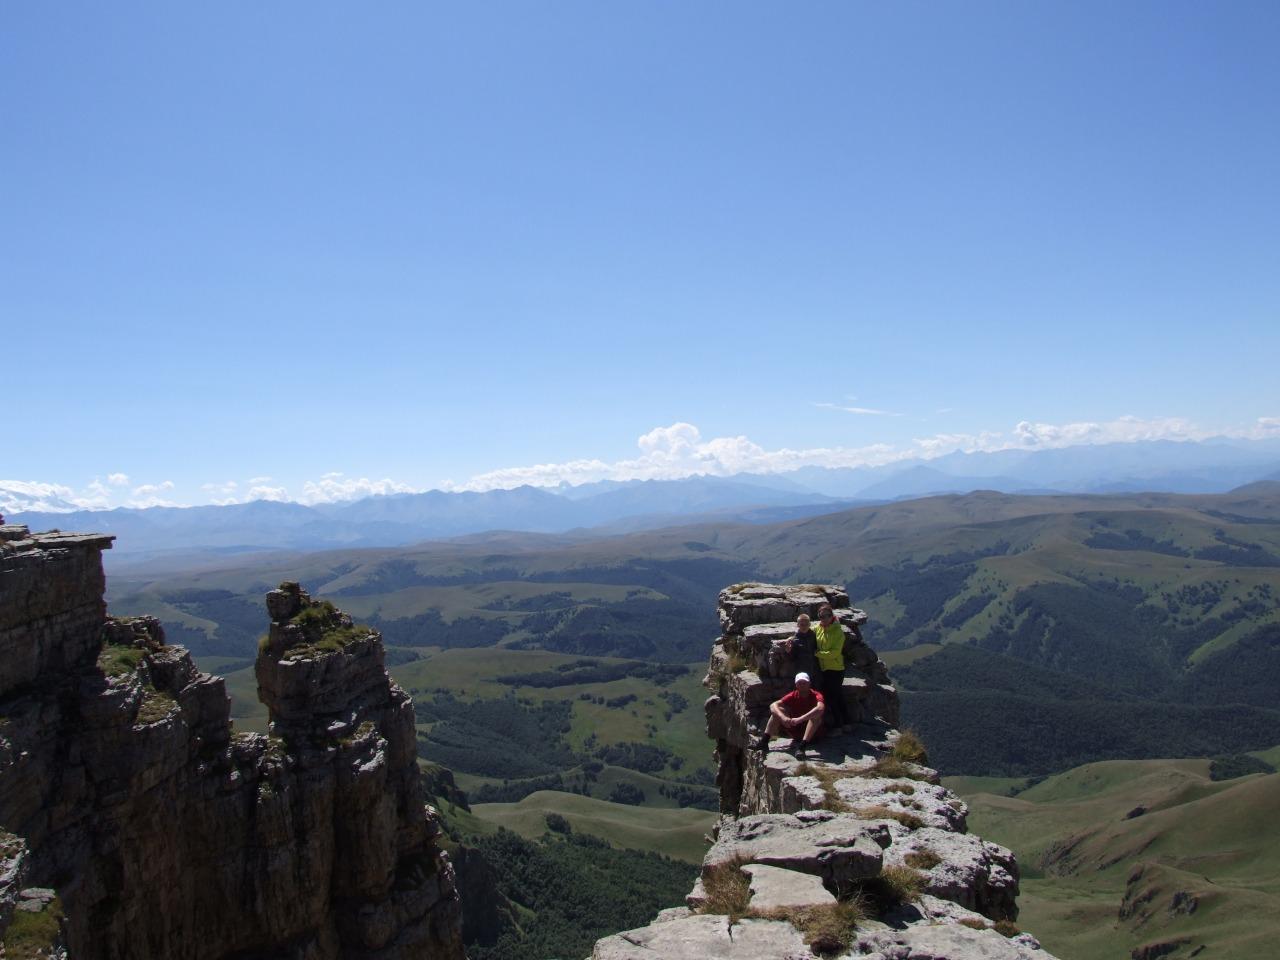 Феноменальное плато Бермамыт - «дорога в небо» - групповая экскурсия в Пятигорске от опытного гида